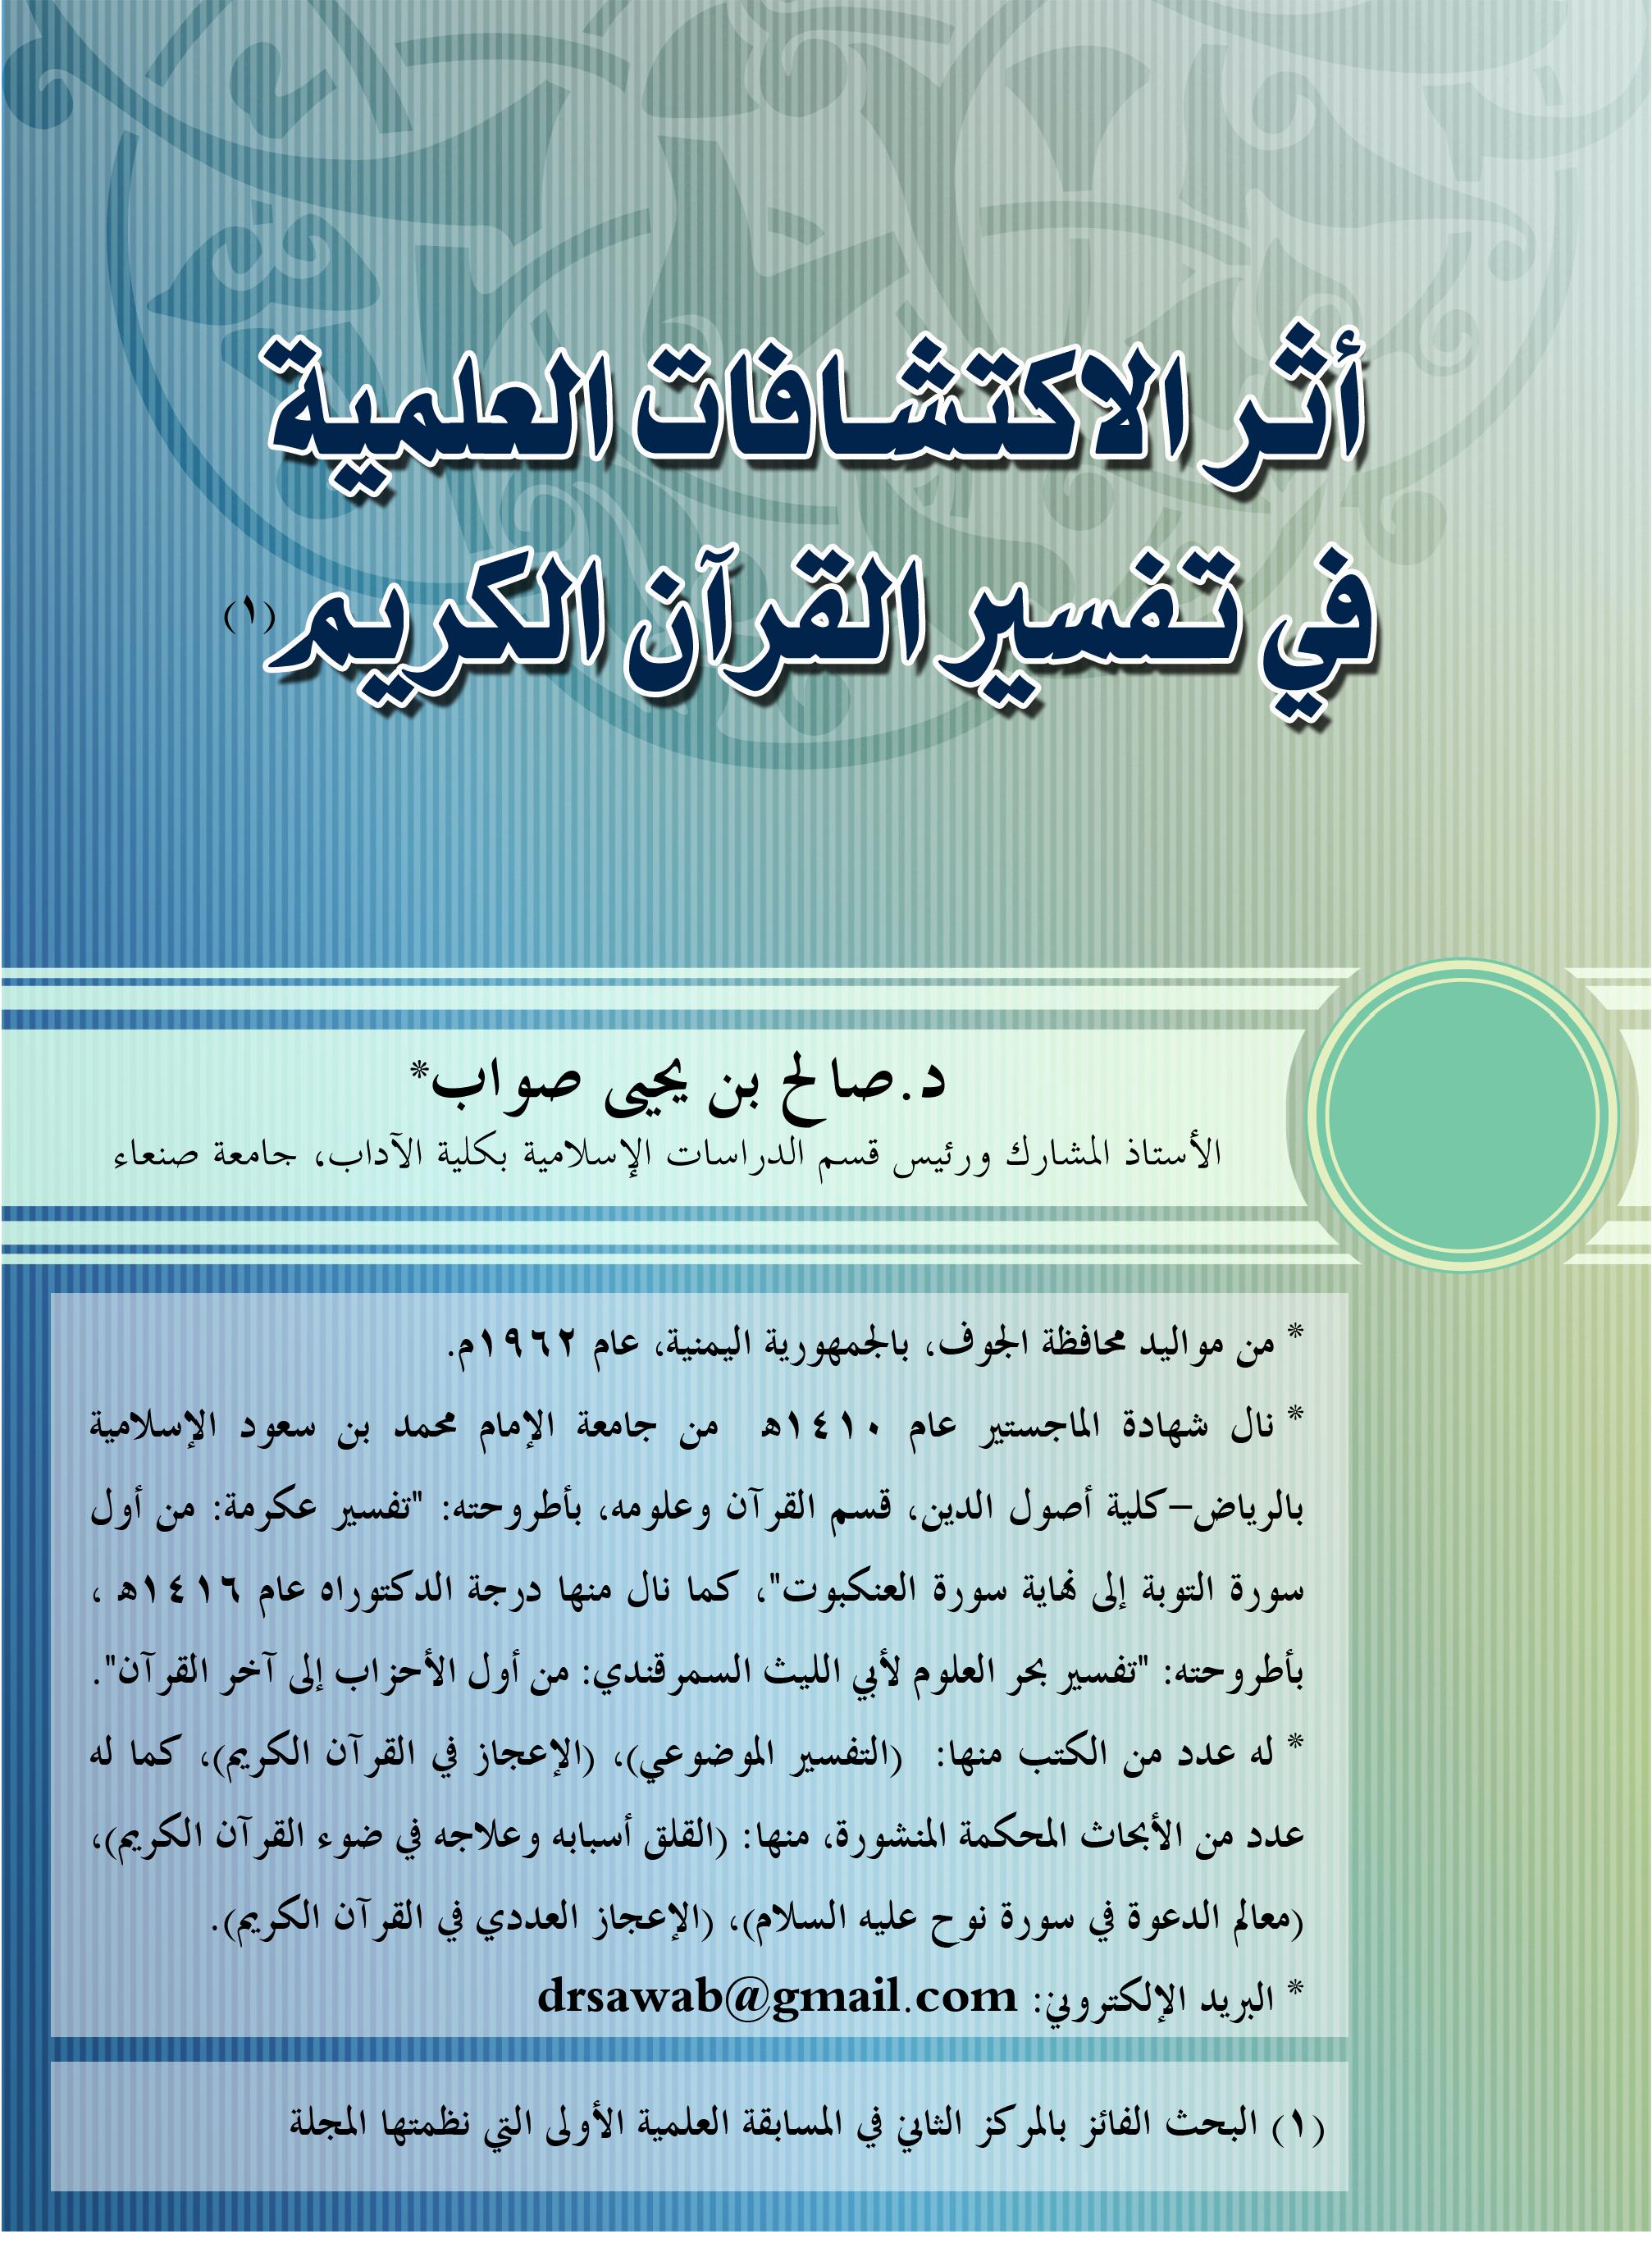 تحميل كتاب أثر الاكتشافات العلمية في تفسير القرآن الكريم لـِ: صالح بن يحيى صواب